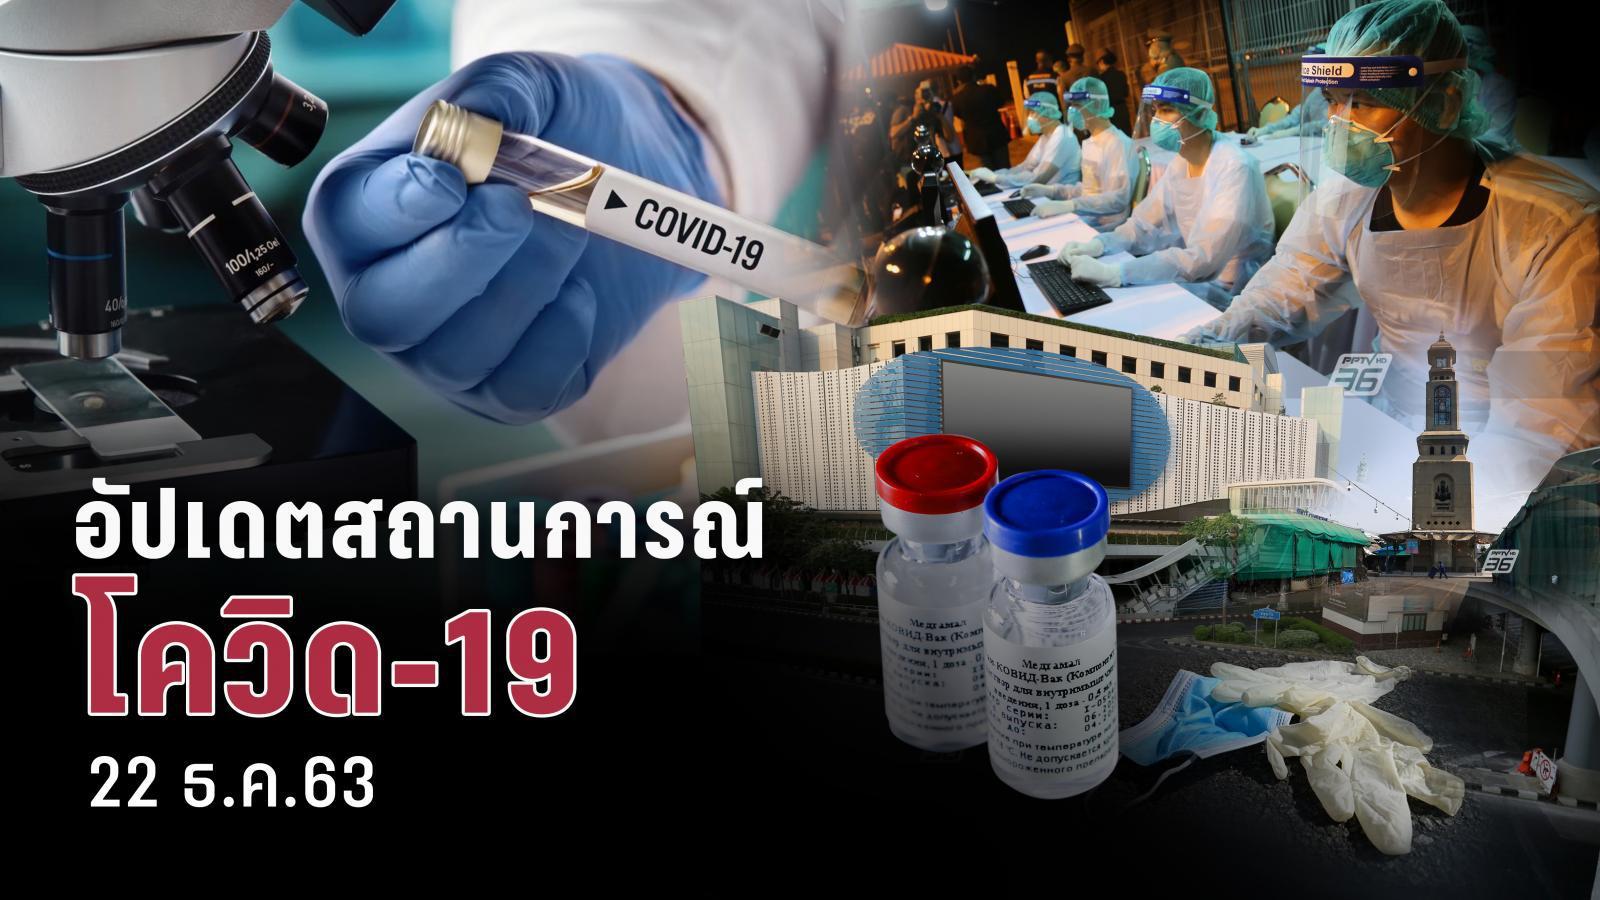 สถานการณ์ โควิด-19 22 ธ.ค.63 ระลอกใหม่ในประเทศไทย